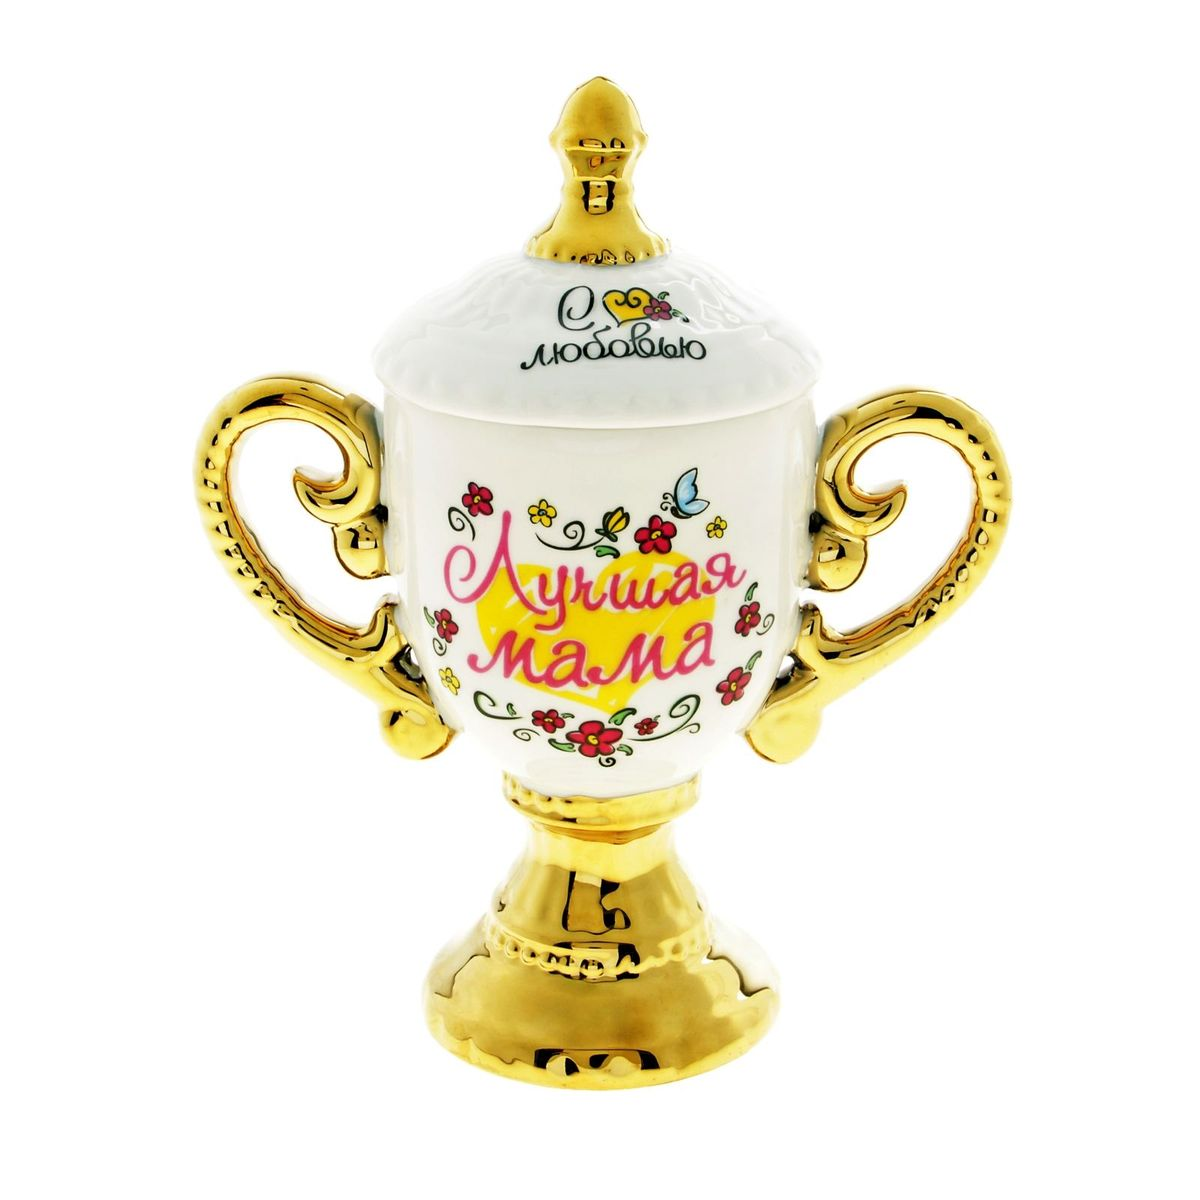 Кружка-кубок Sima-land Лучшая мама, 300 мл161947Считаете, что ваша мама – самая лучшая? Вручите ей кубок, и это будет не бесполезный сувенир, а очень практичный подарок, ведь под видом кубка скрывается оригинальная кружка! Яркая и необычная, с крышкой и двумя изящными ручками, такая кружка подойдет для любимых маминых напитков – от чая с мятой и лимоном до теплого молока с медом. Нужный подарок к любому празднику.